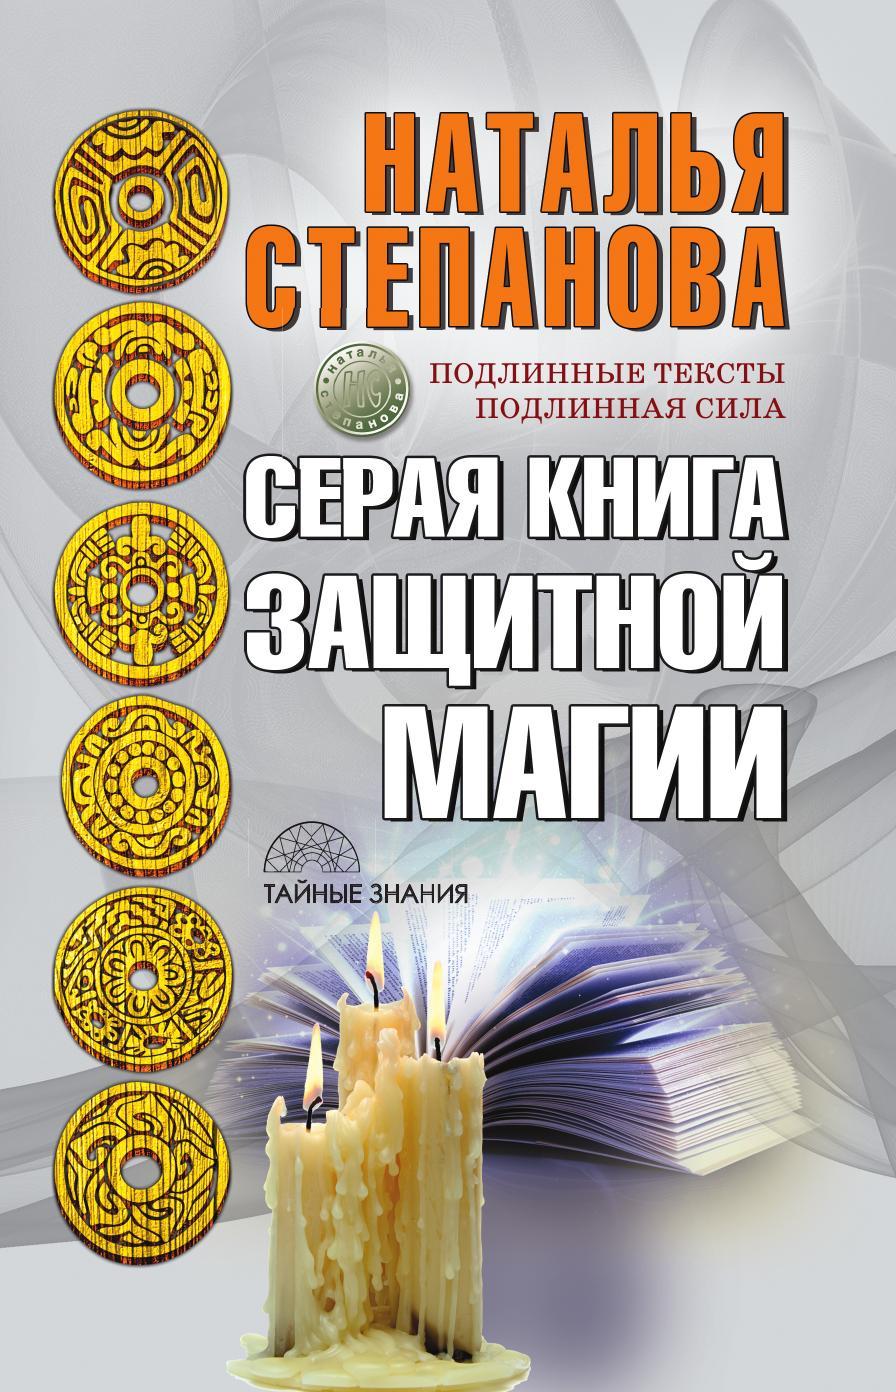 Наталья Степанова Серая книга защитной магии